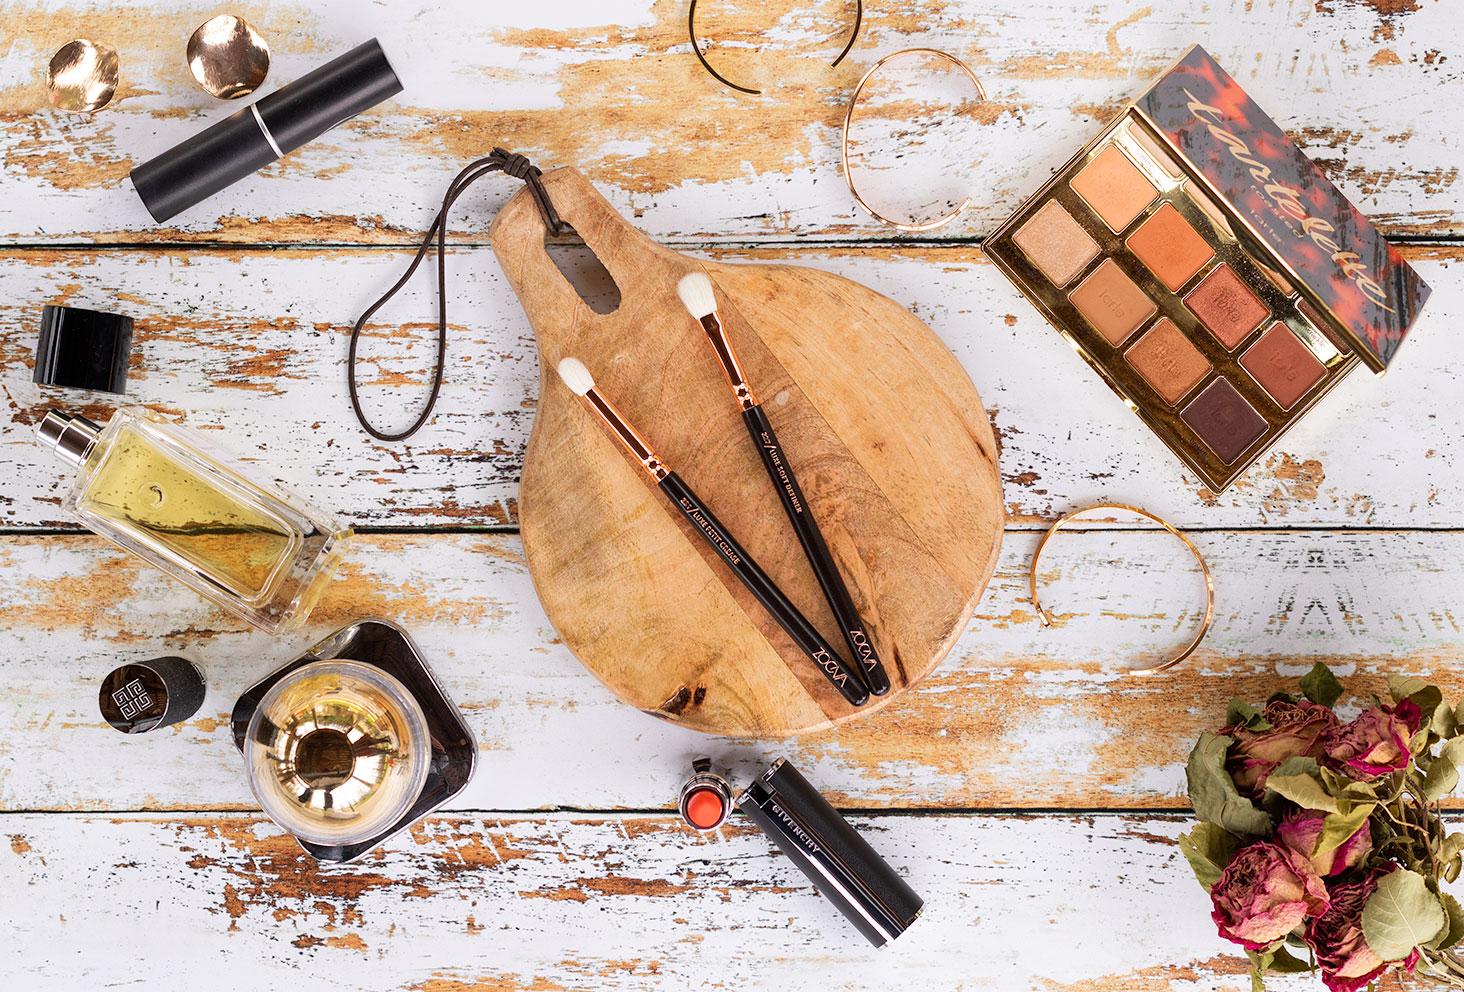 Les pinceaux pour le make-up des yeux de Zoeva posés sur une planche ronde en bois au milieu de maquillage pour les yeux